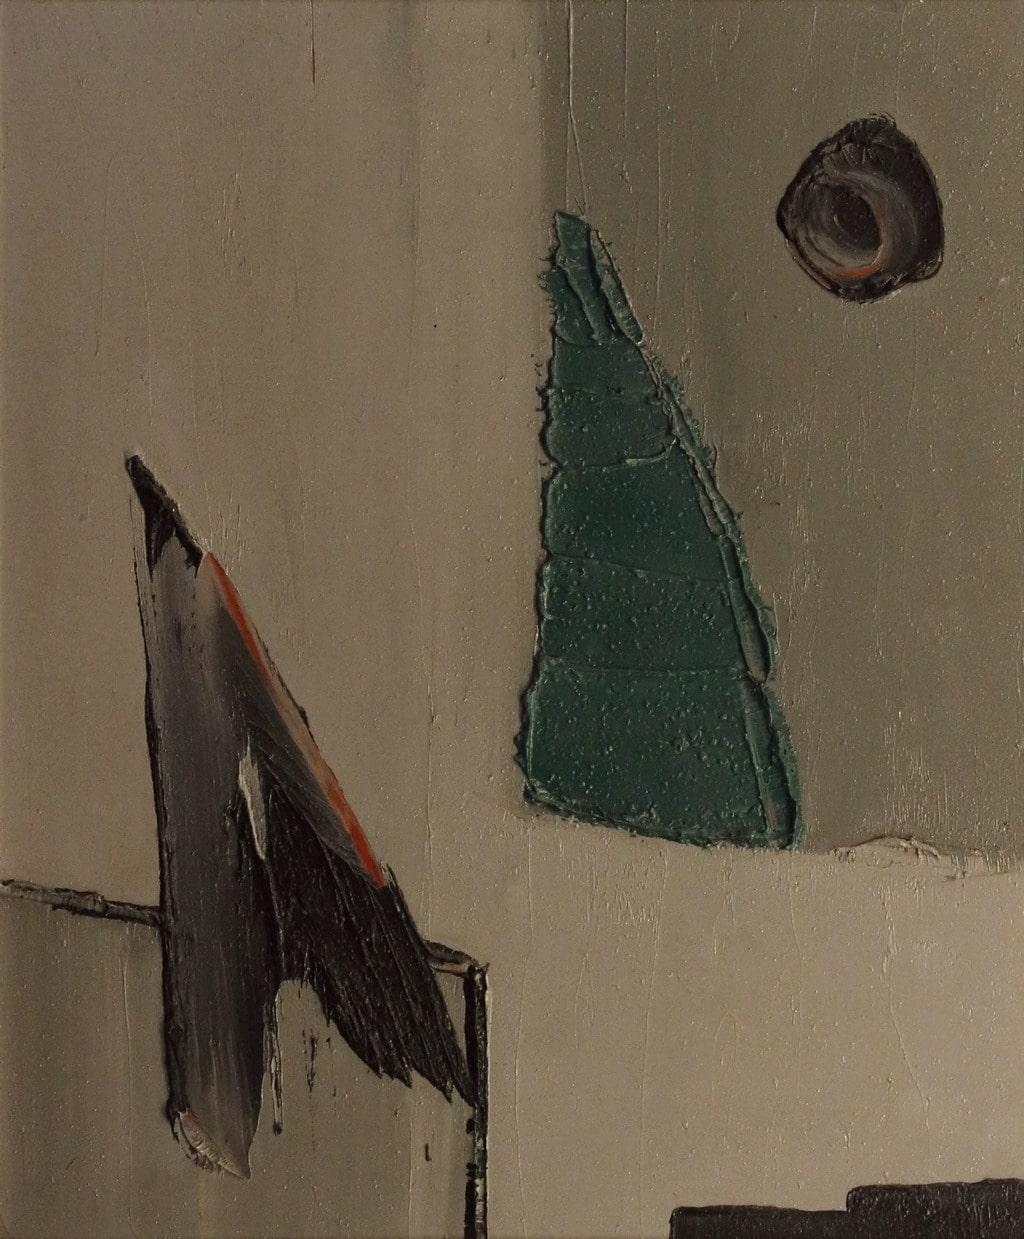 """Erminio Tansini, """"Senza titolo"""", 2005, olio su tavola, 60x50 cm"""